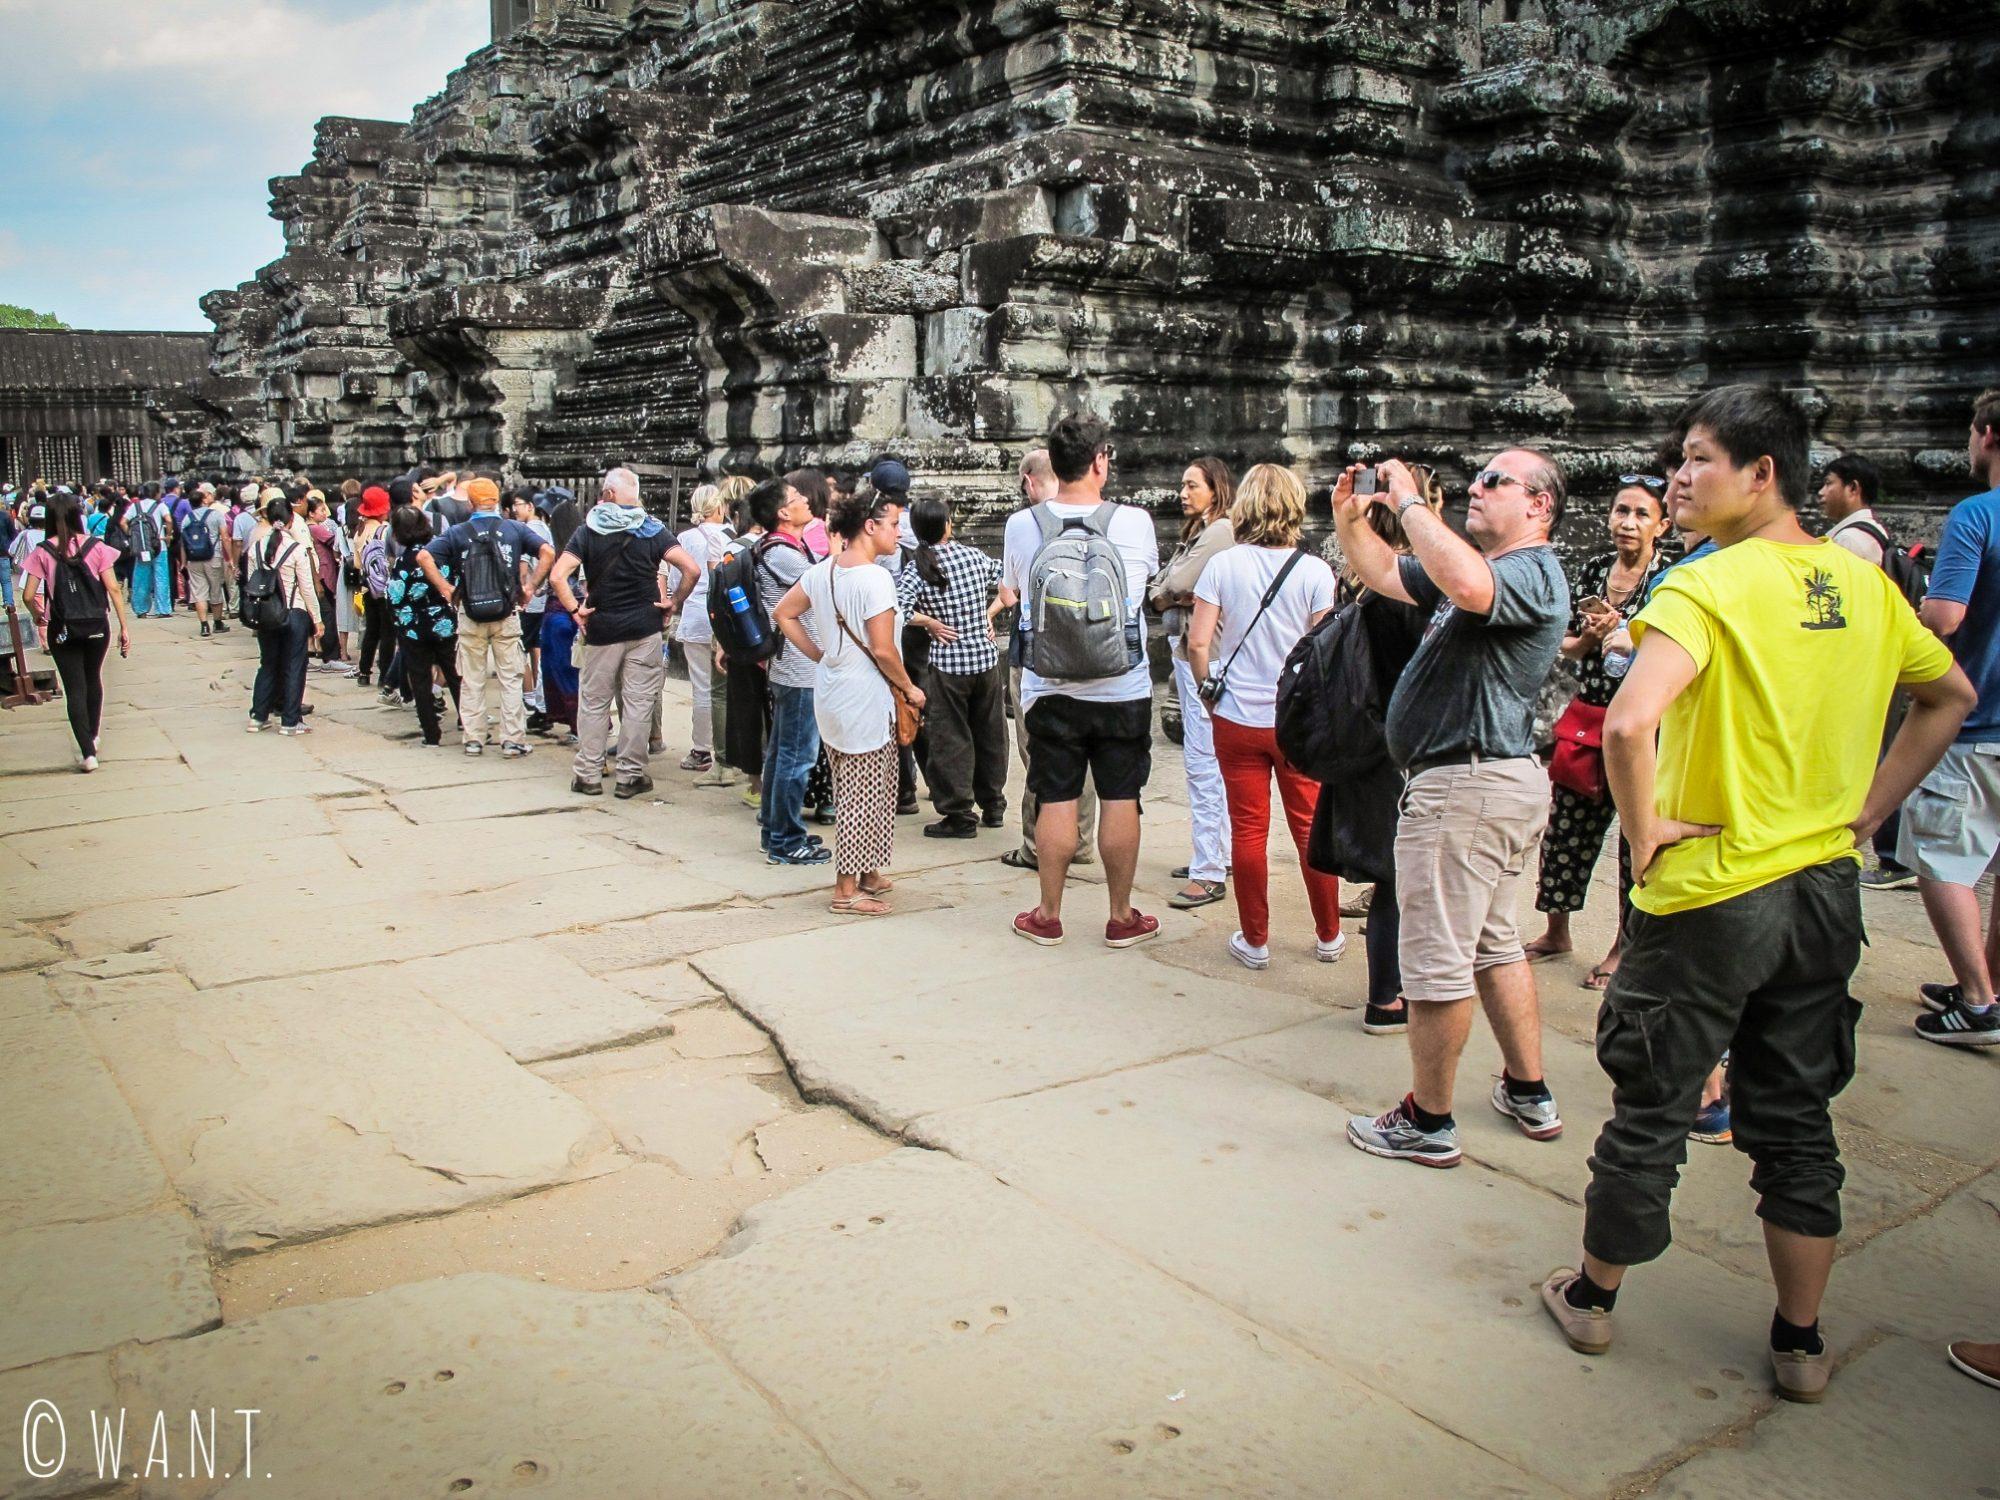 Foule incroyable pour accéder aux tours d'Angkor Wat